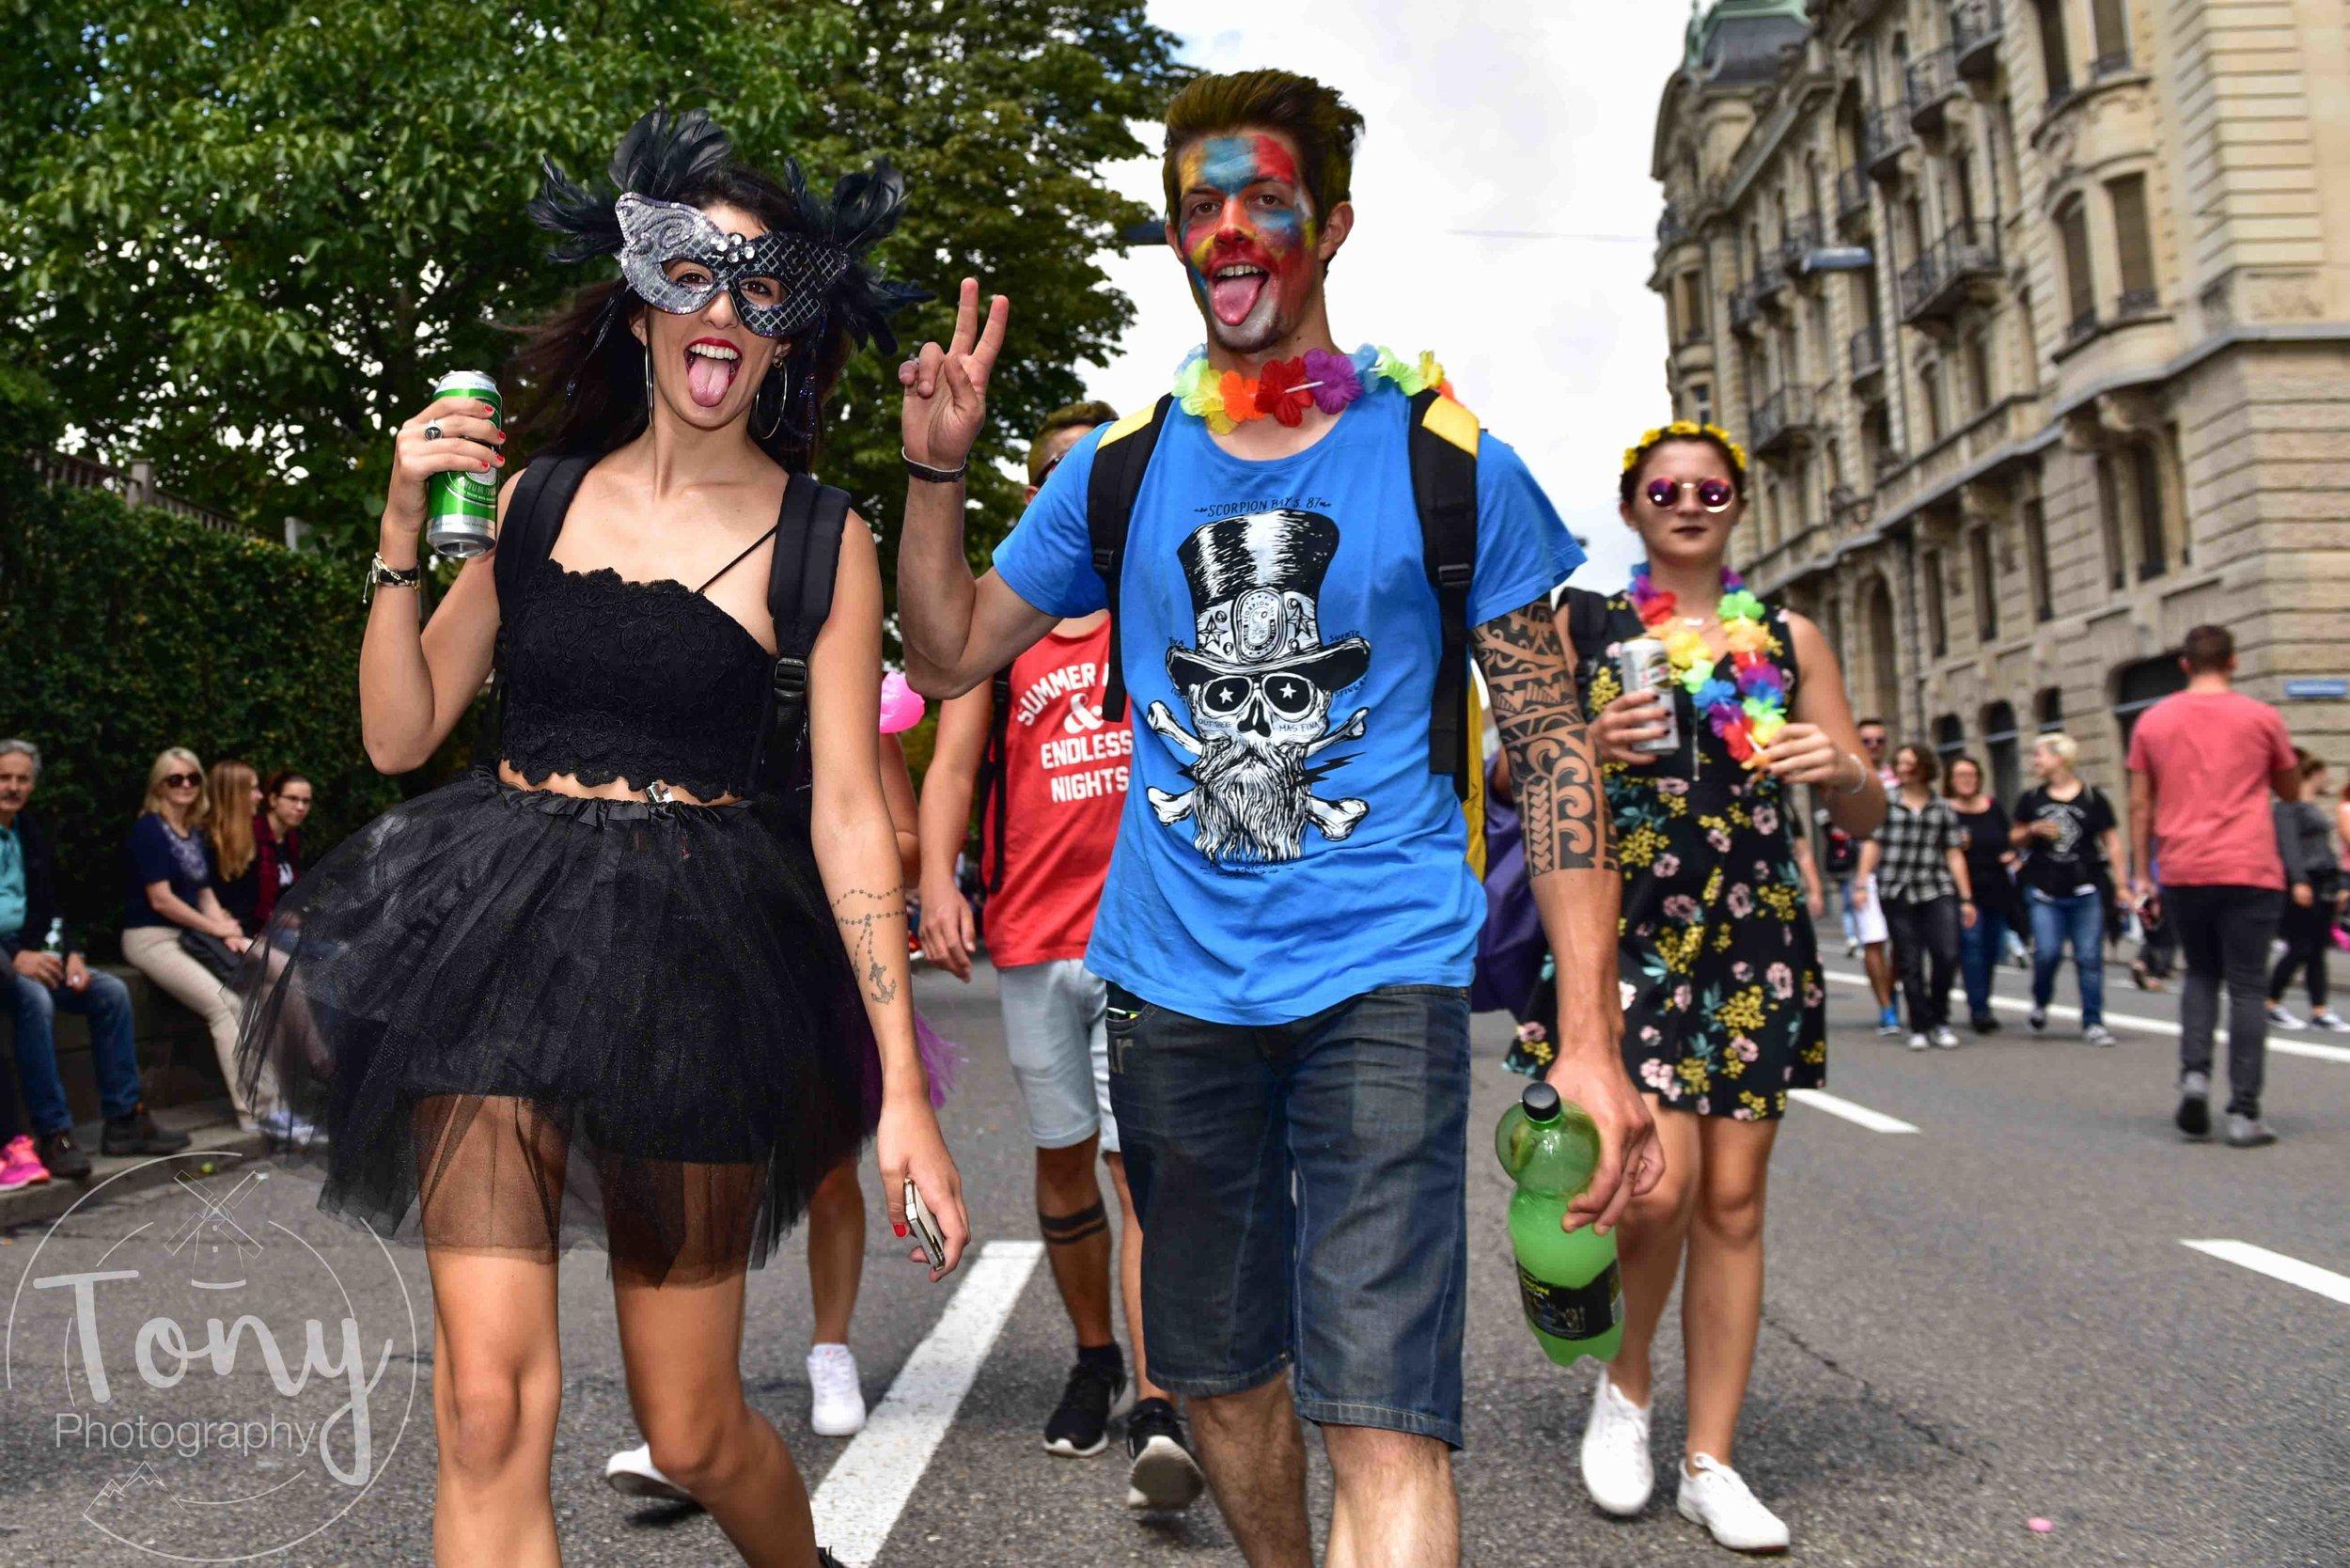 streetparade-23.jpg